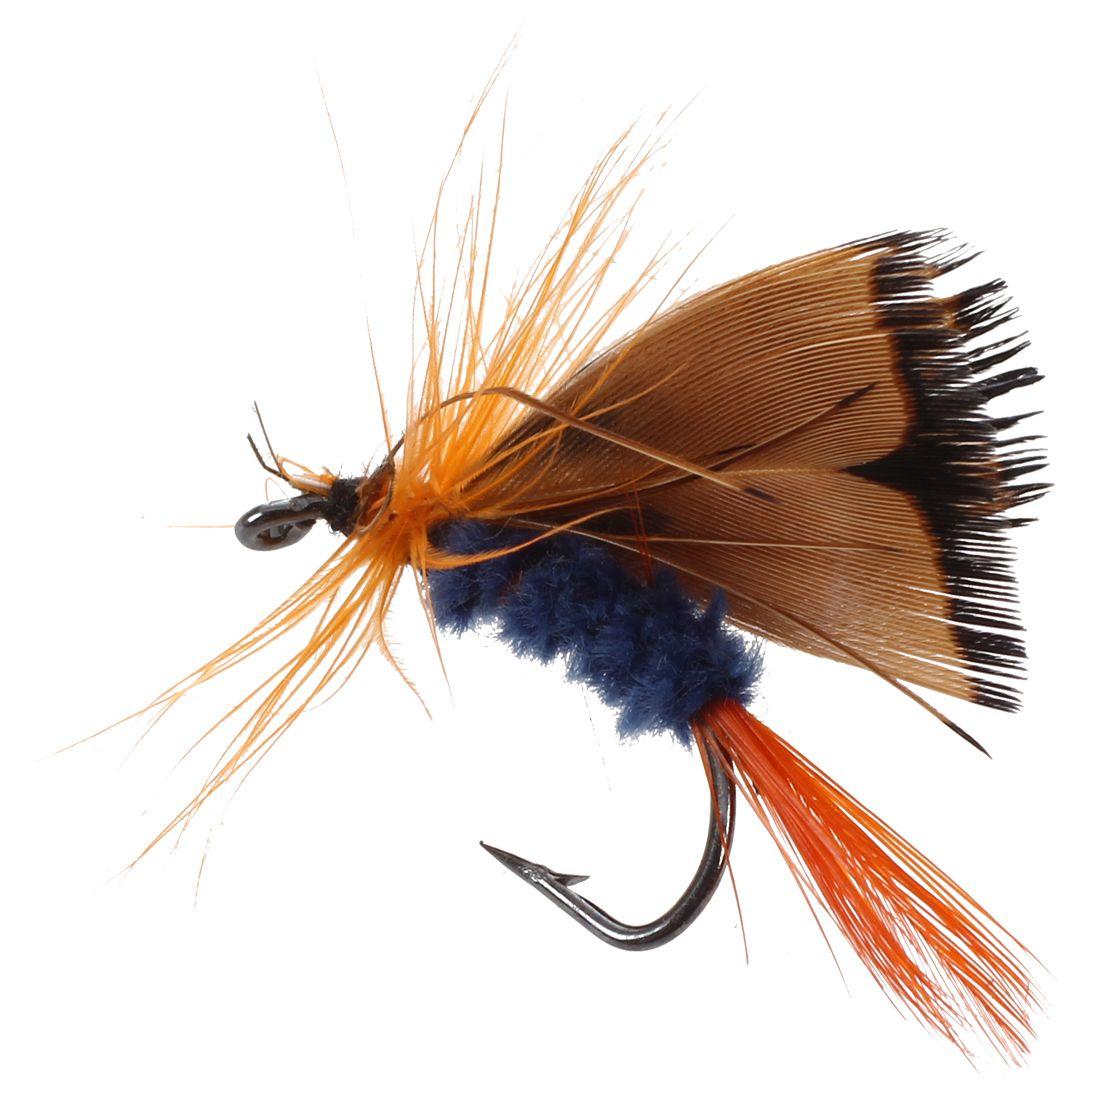 12 Stueck Fliegenfischen Haken Fischkoeder Feder Stahl Koeder Hakengeschirr P4O3